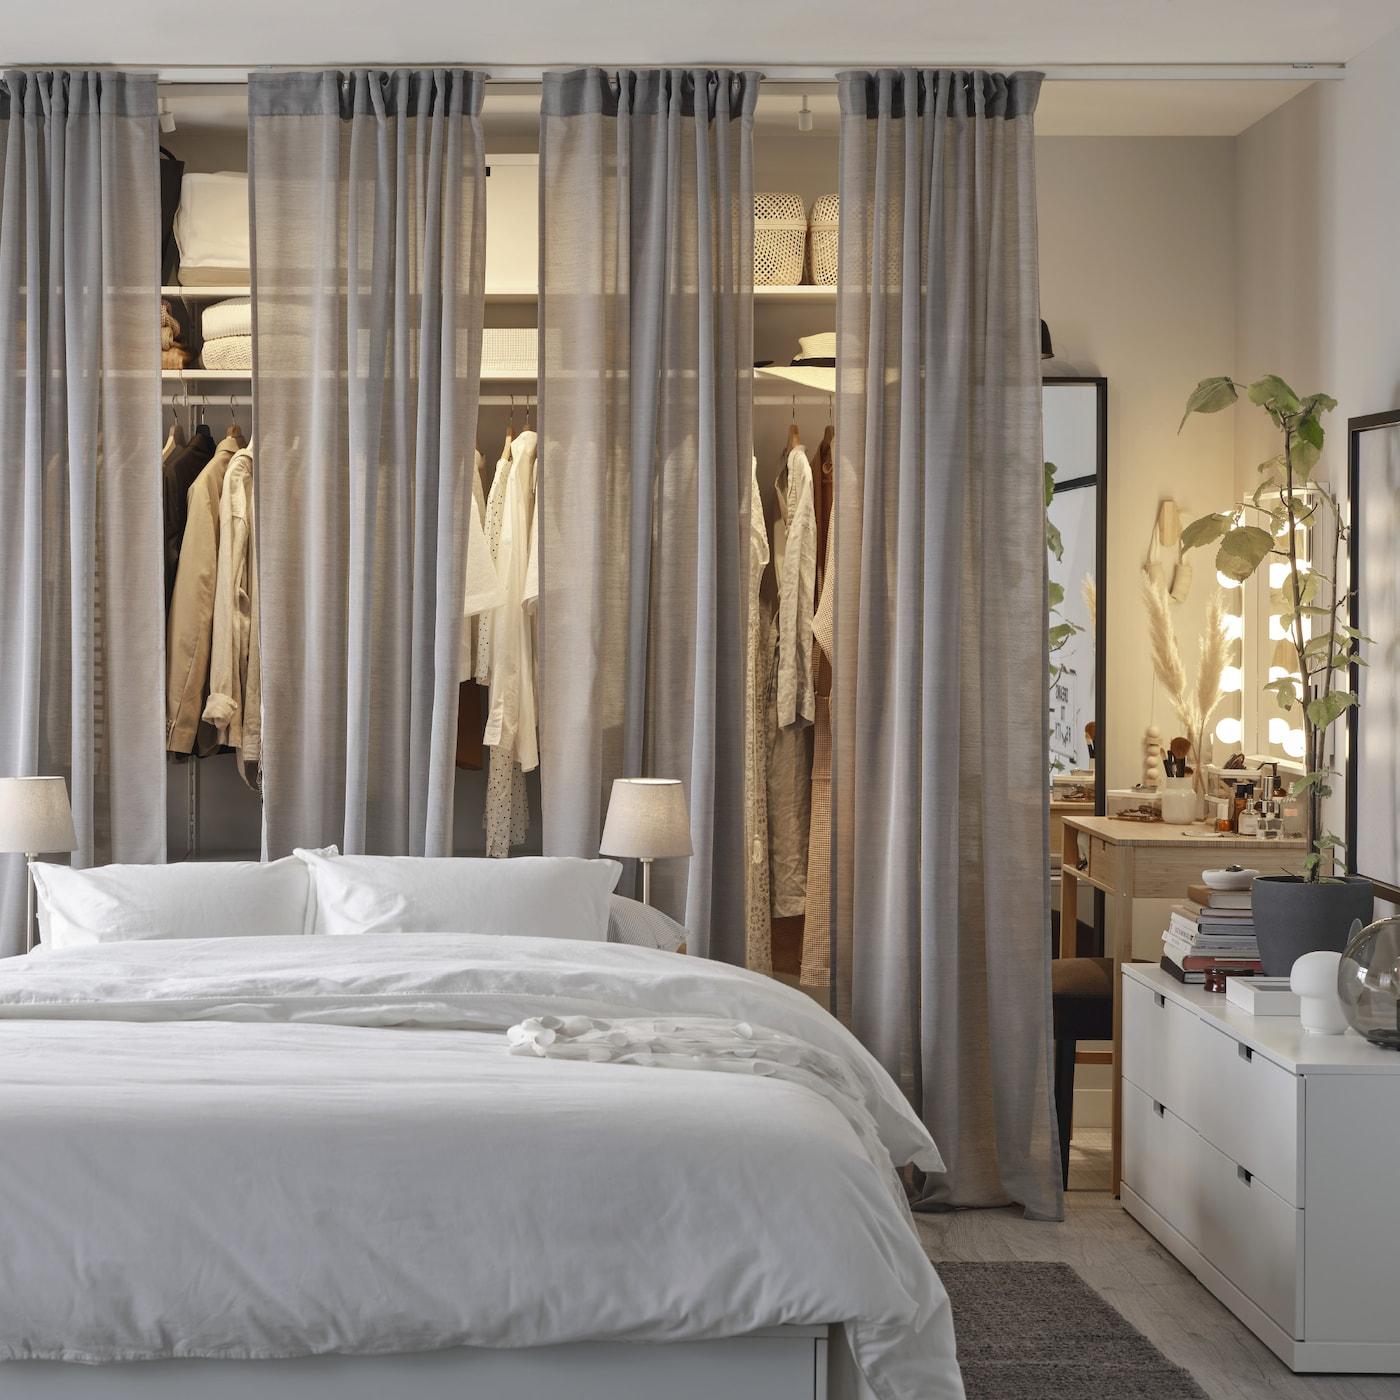 Fehér ágykeret, nyitott gardrób, szürke függönyökkel, fehér fiókos szekrény és szürke szőnyeg.